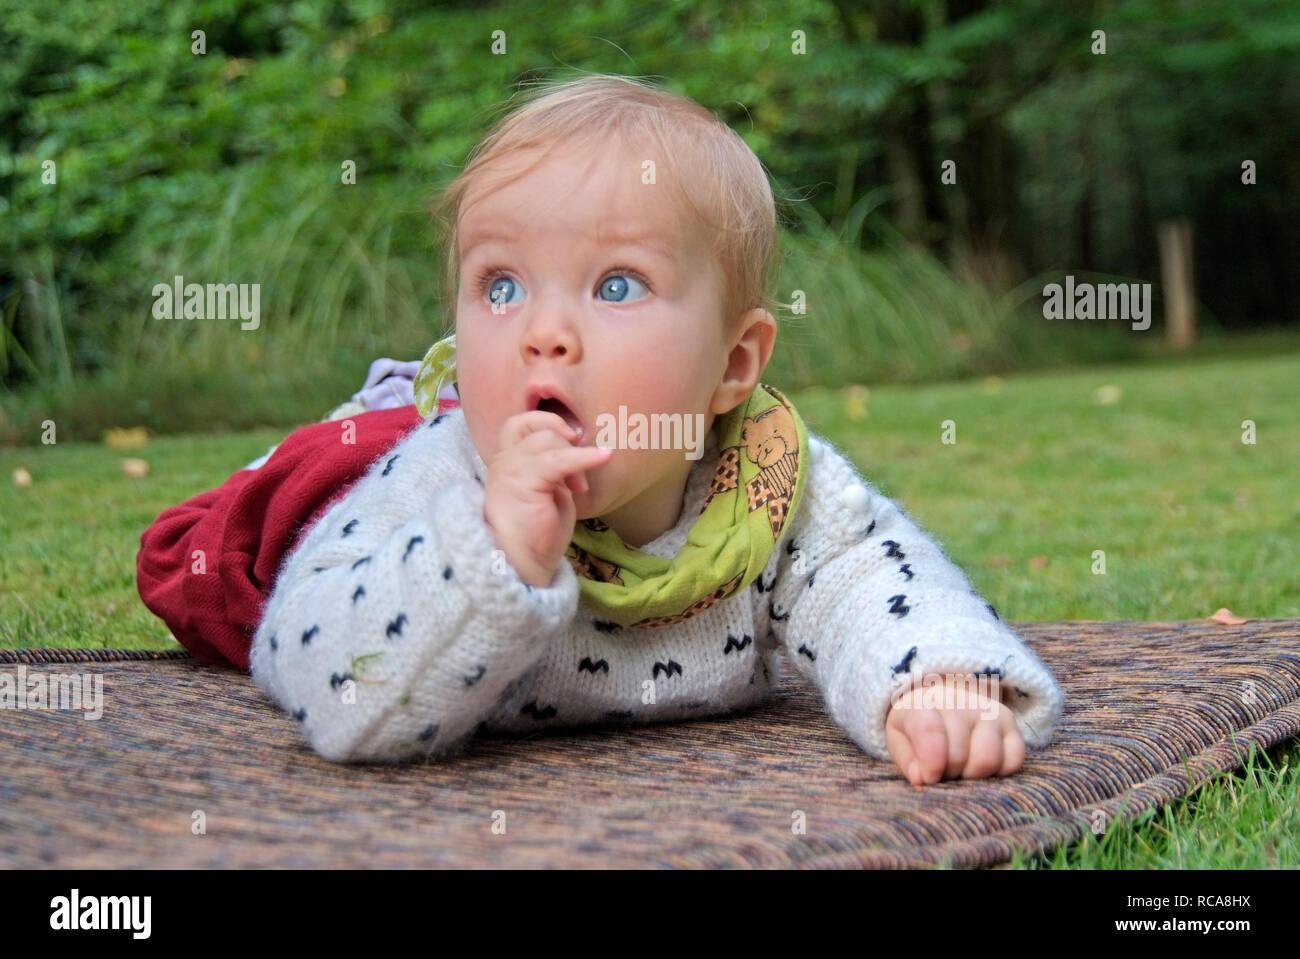 Baby liegt draußen auf einer Matte   baby lying outside on a mattress Stock Photo